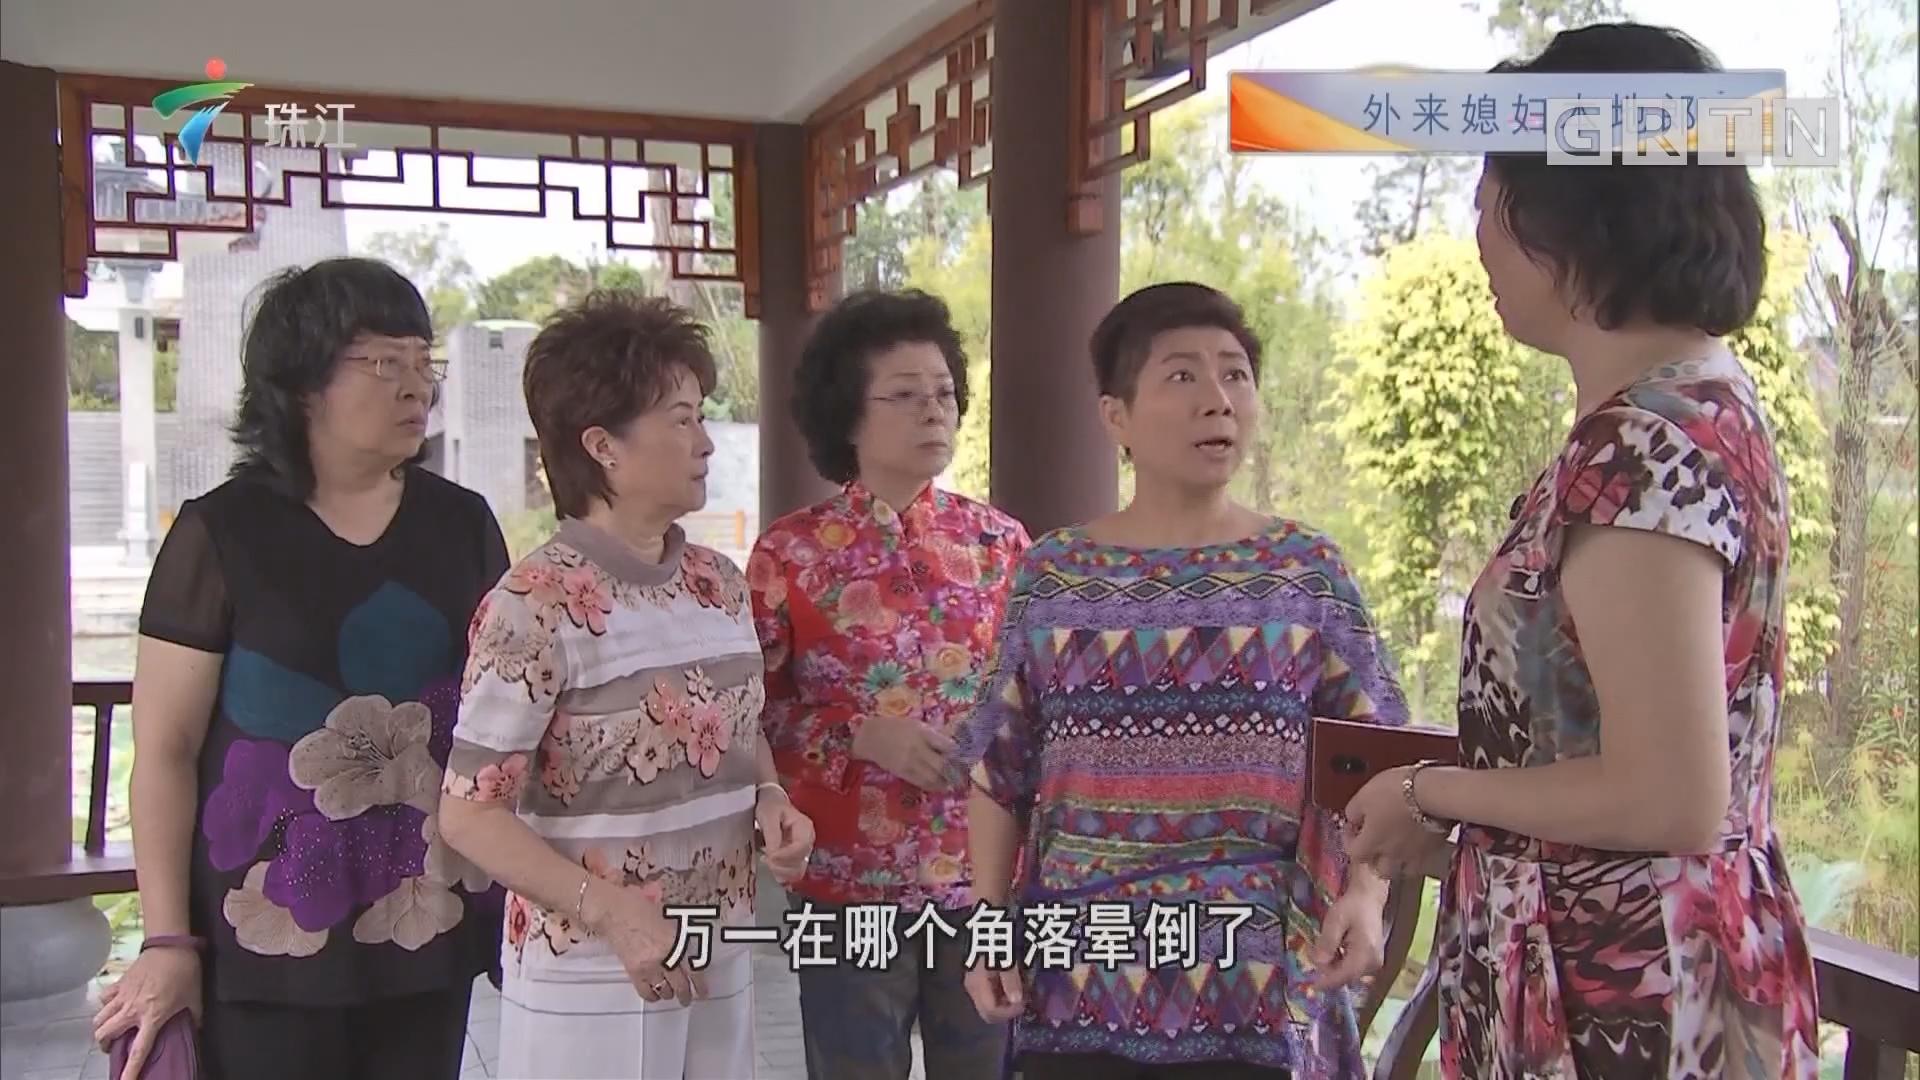 [HD][2018-11-25]外来媳妇本地郎:广场舞风云(下)